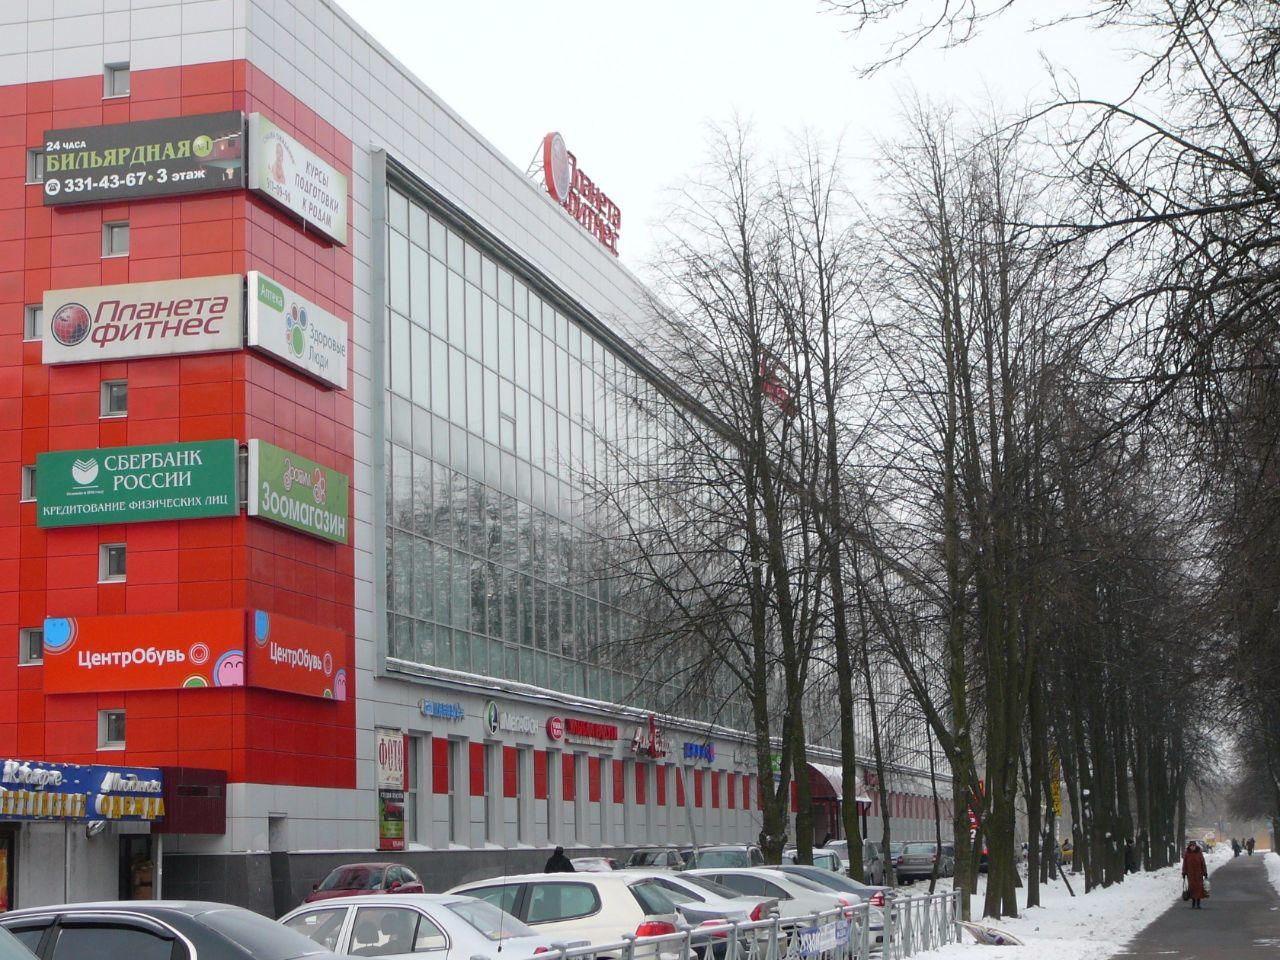 Аренда коммерческой недвижимости.санкт-петербург петергоф Снять офис в городе Москва Староконюшенный переулок